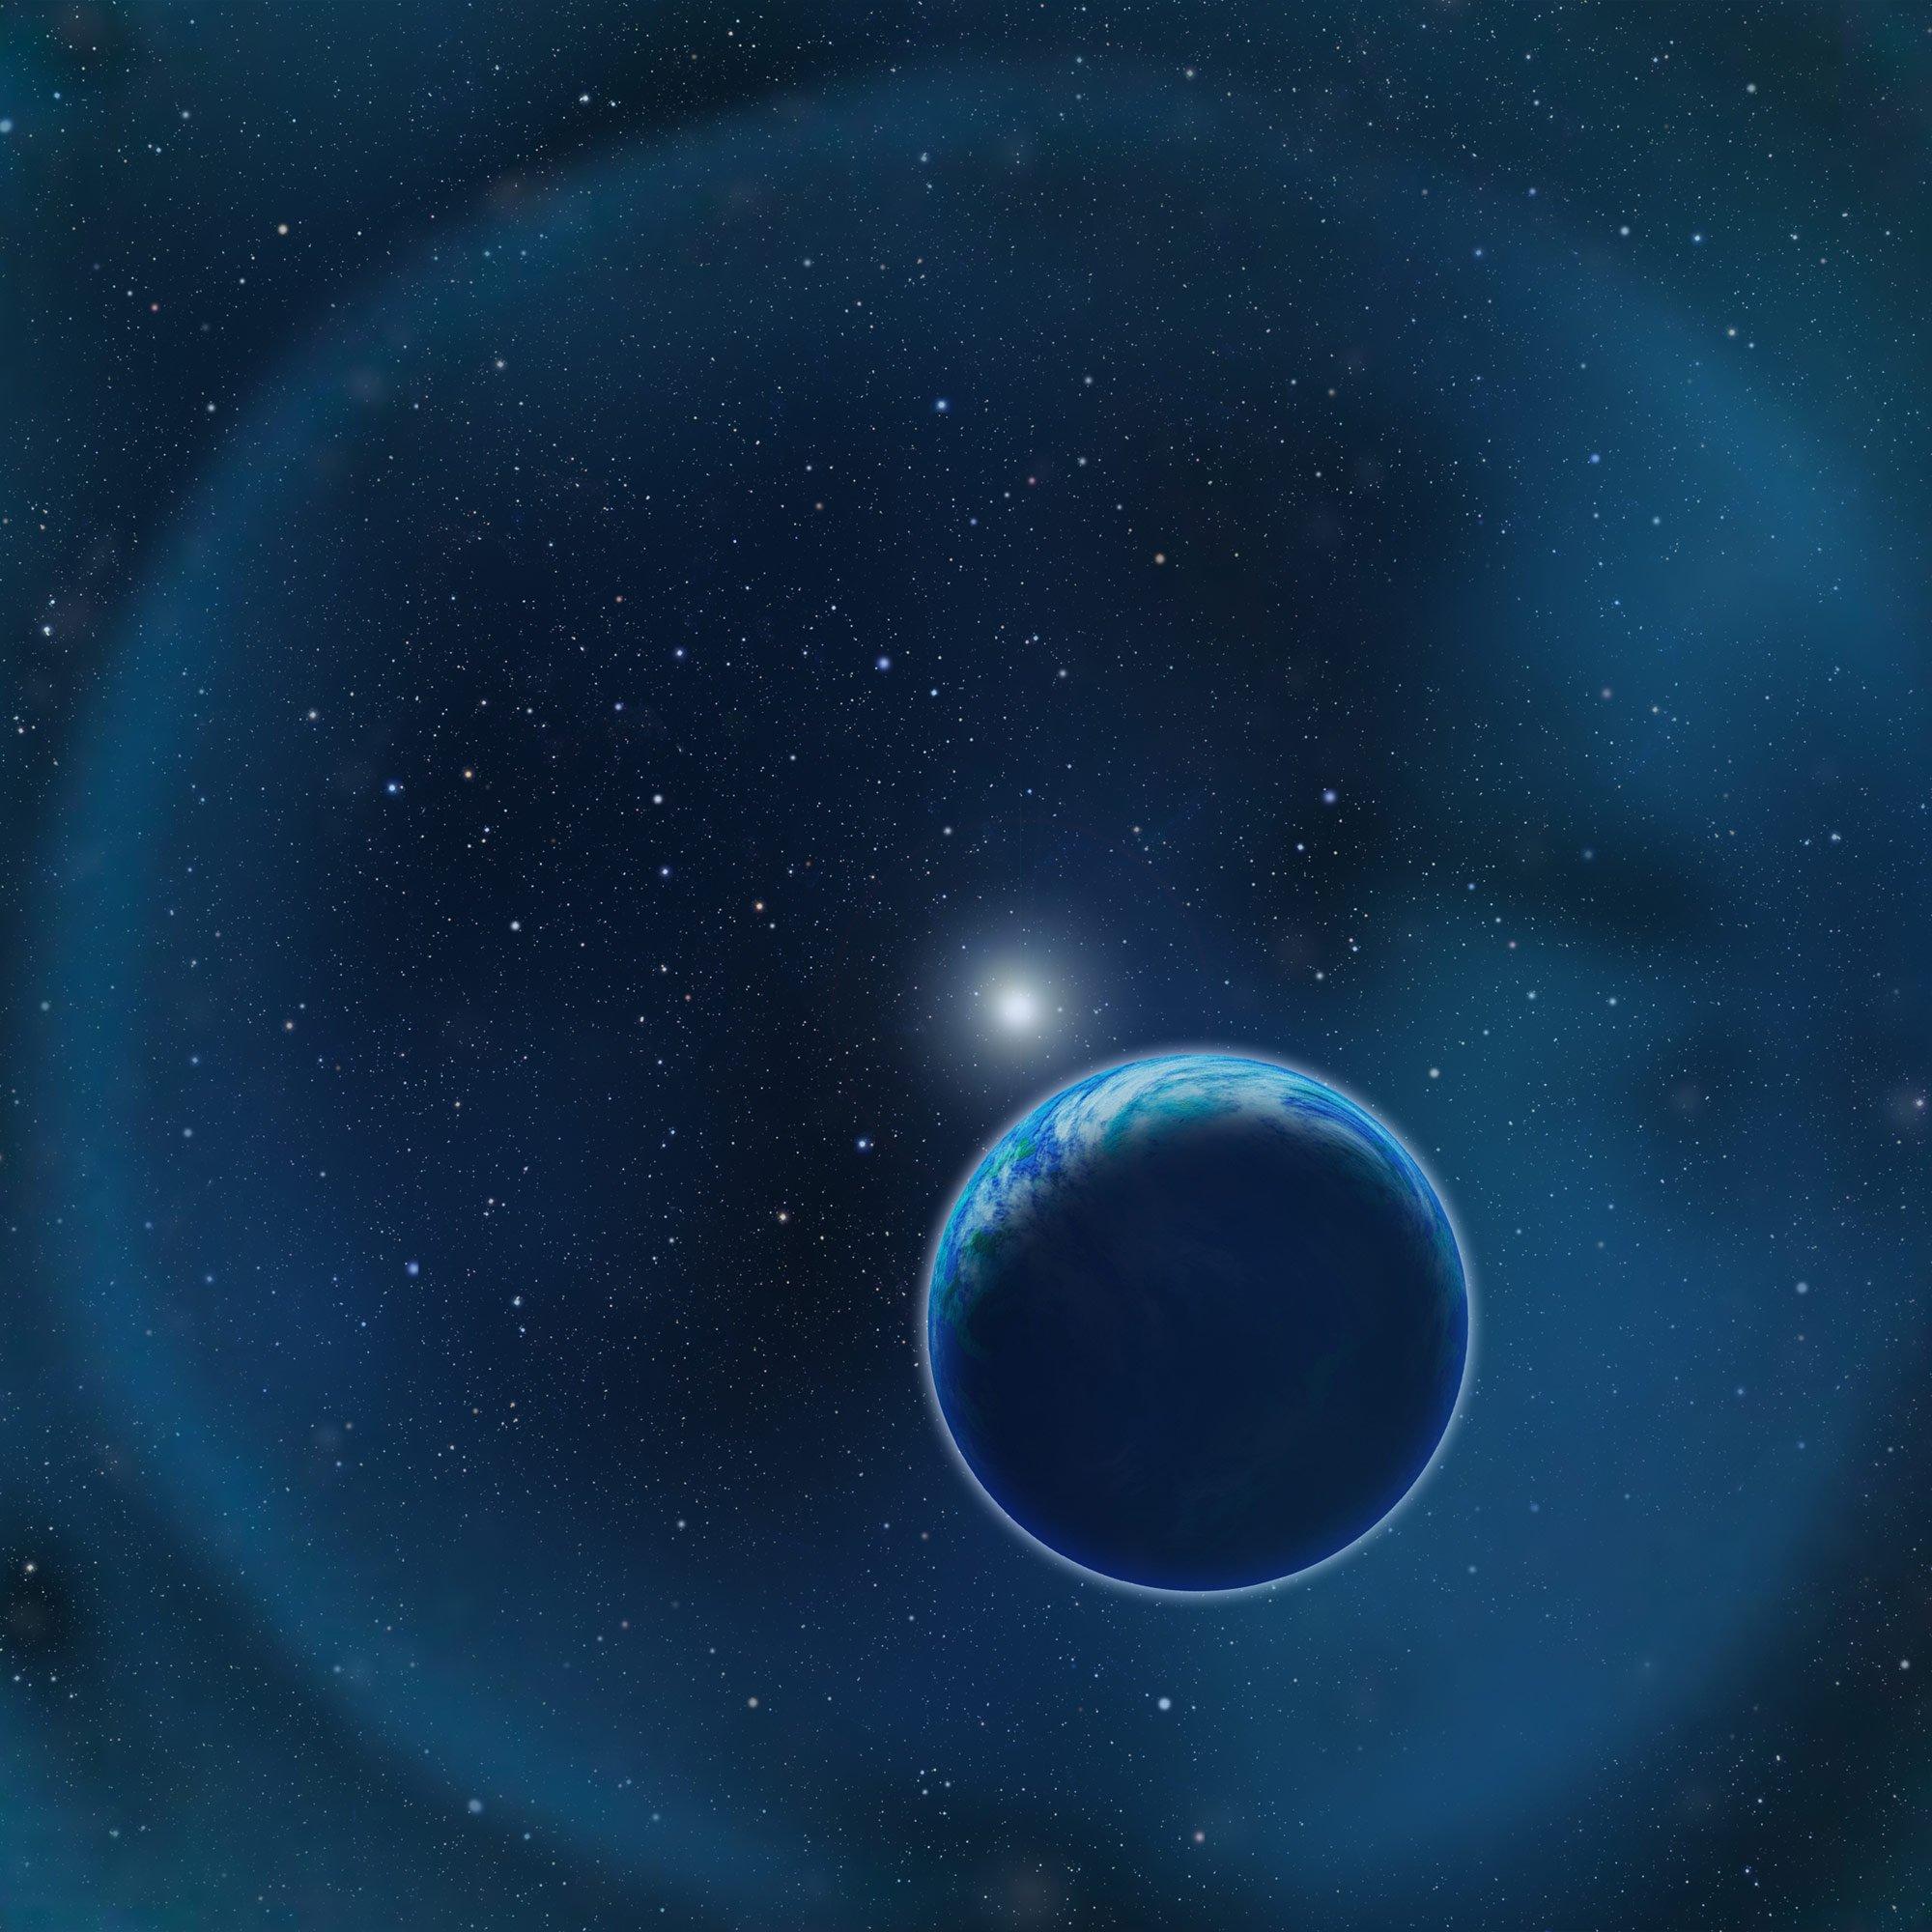 Астрономы обнаружили необычную спаренную звезду